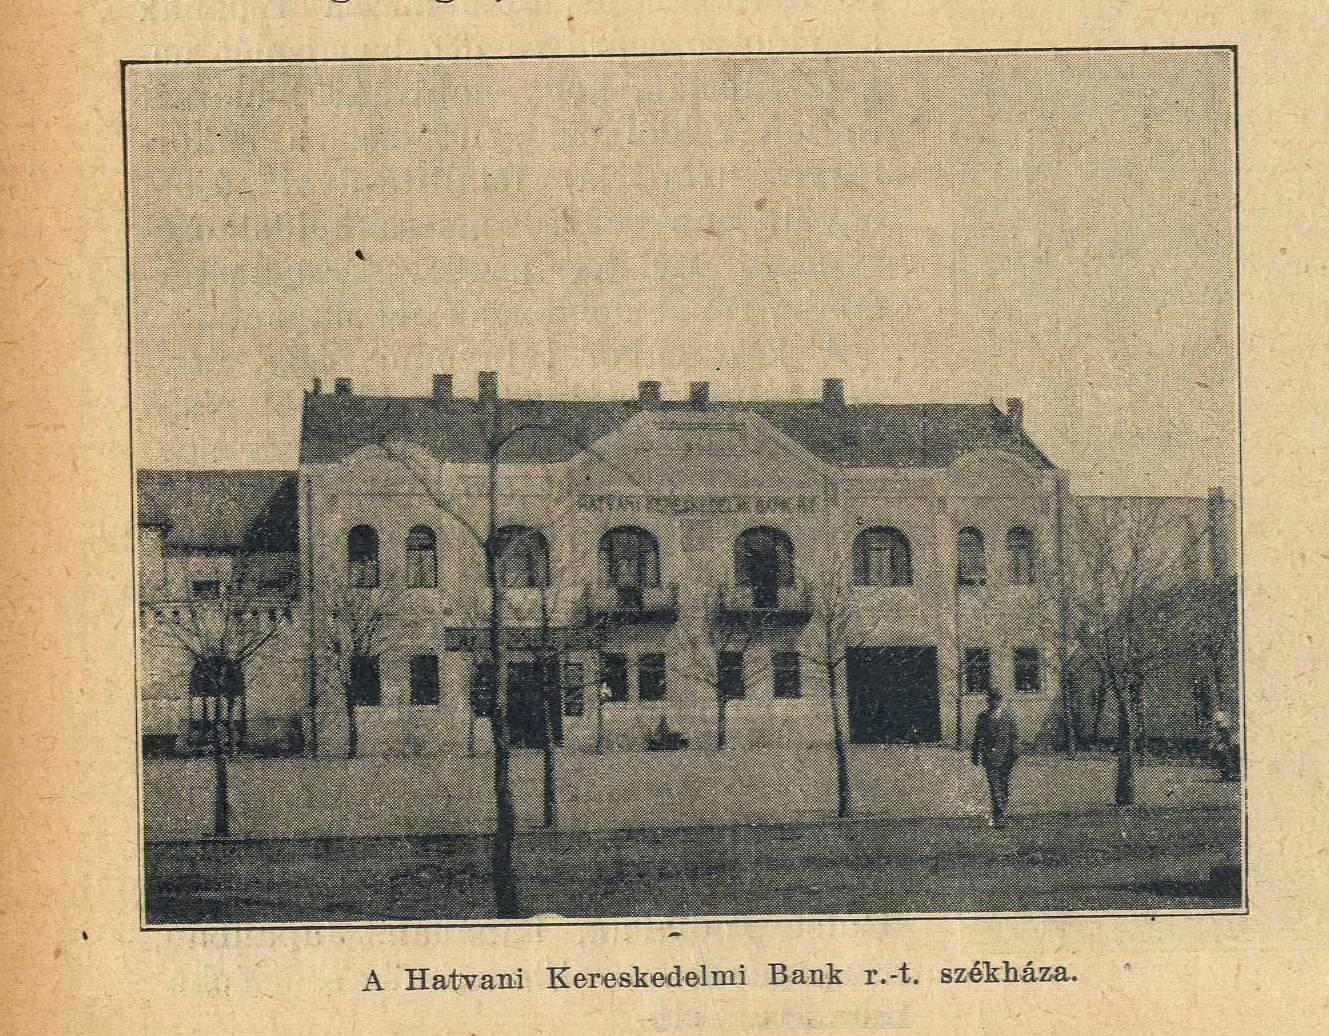 A Városháza melletti épület, akkoriban a Hatvani Kereskedelmi Bank székháza, később a járási tanács fészke.